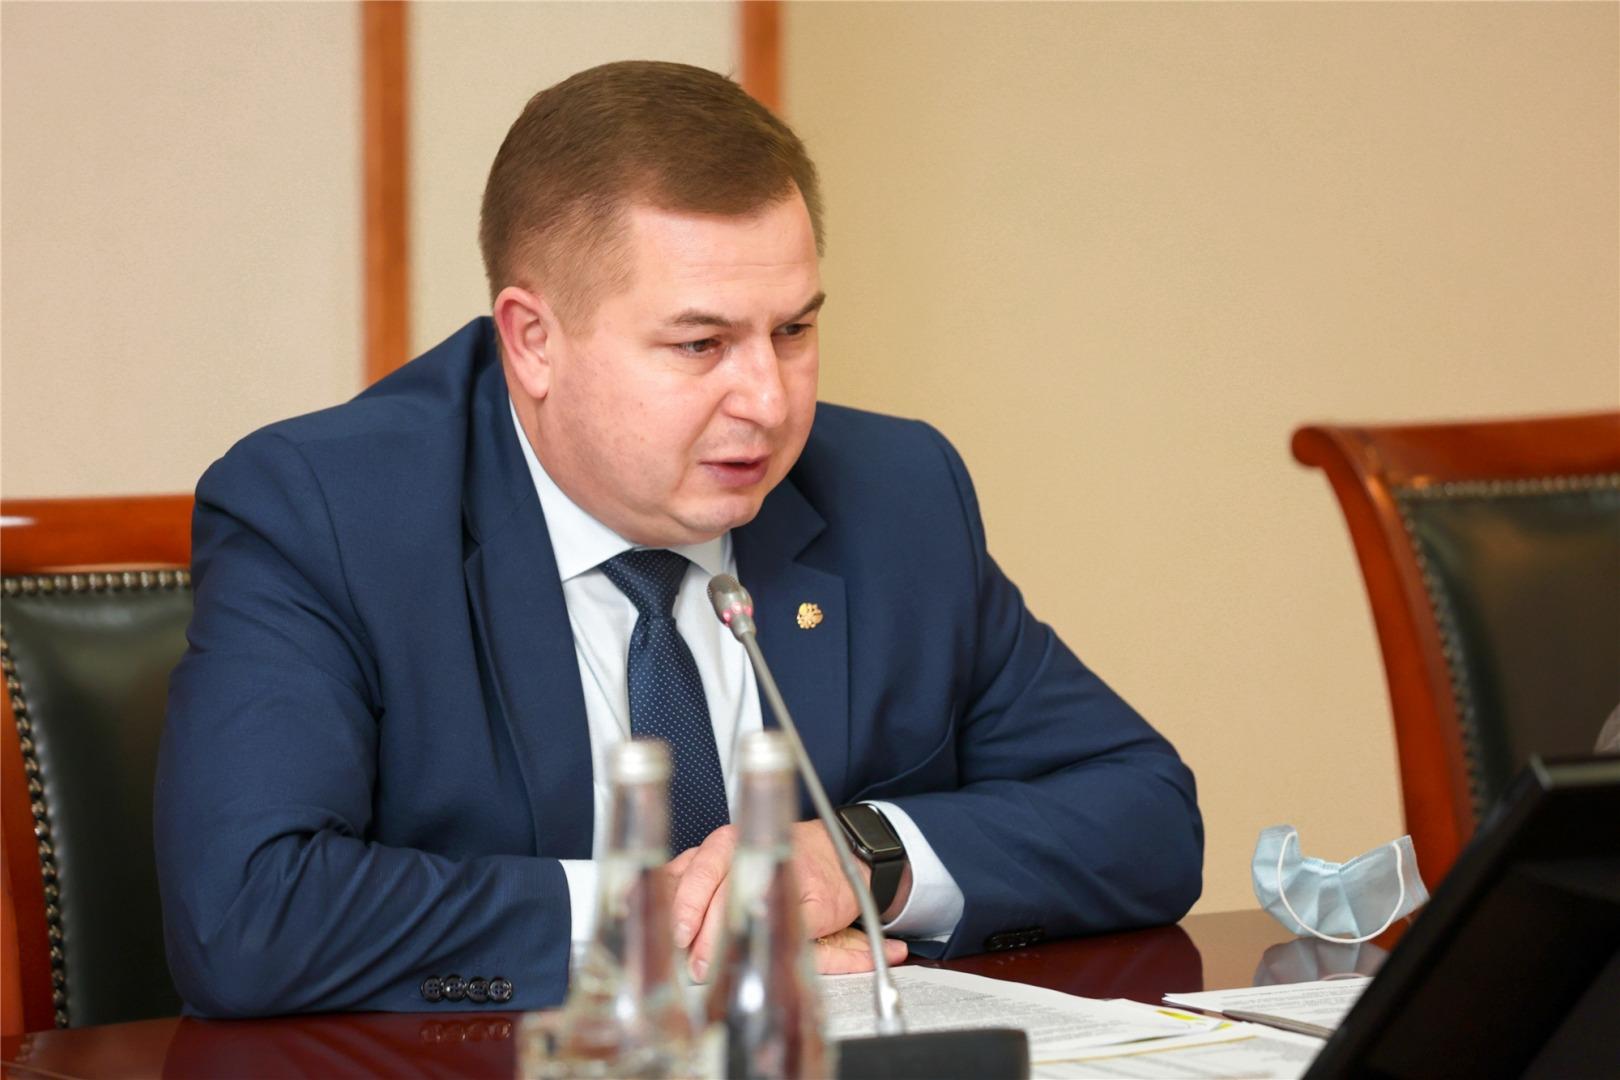 Пациентов в ковид-госпиталях стало меньше, но Минздрав предупредил о четвертой волне - Новости